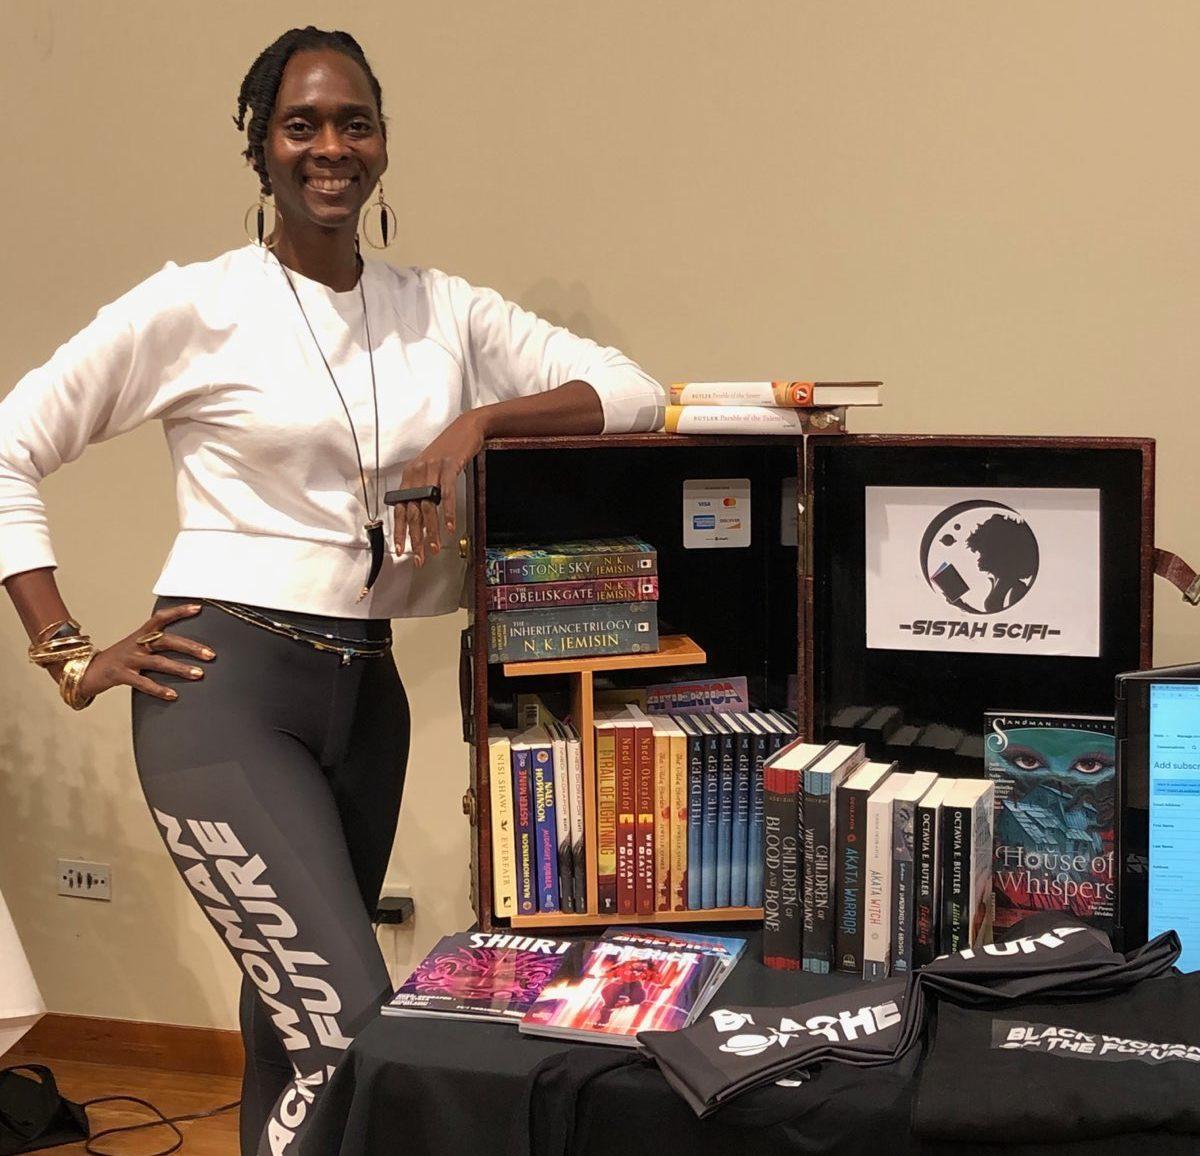 Sistah Scifi black owned book stores